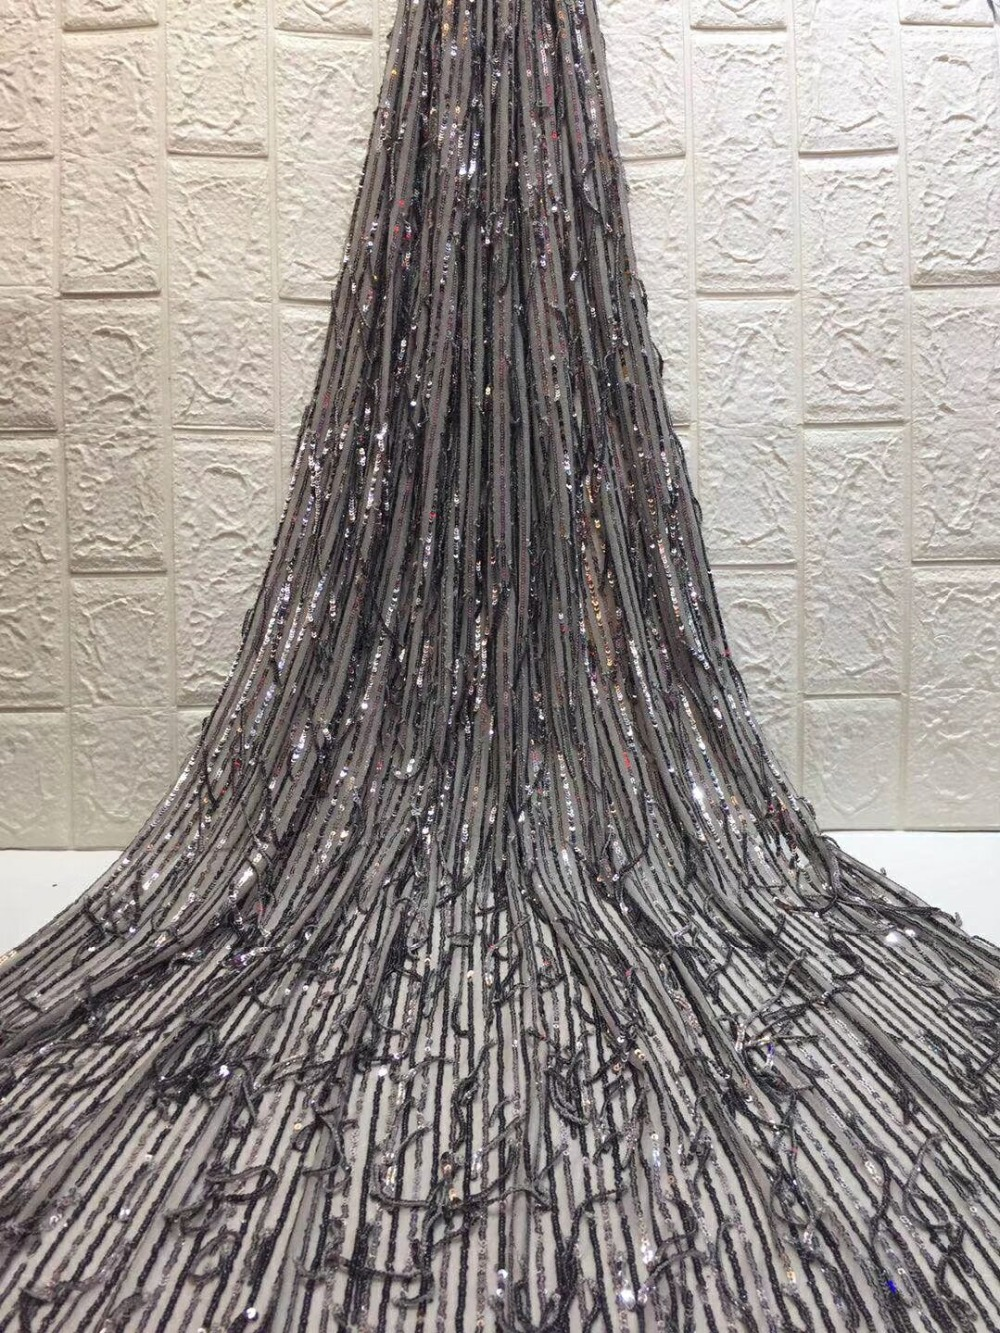 Laatste Afrikaanse Veters 3D Bloem Borduurwerk Kant Stof Hoge Kwaliteit Afrikaanse Bridal Kant Stof Met Pailletten 5 Yards ZXN111-in Kant van Huis & Tuin op  Groep 1